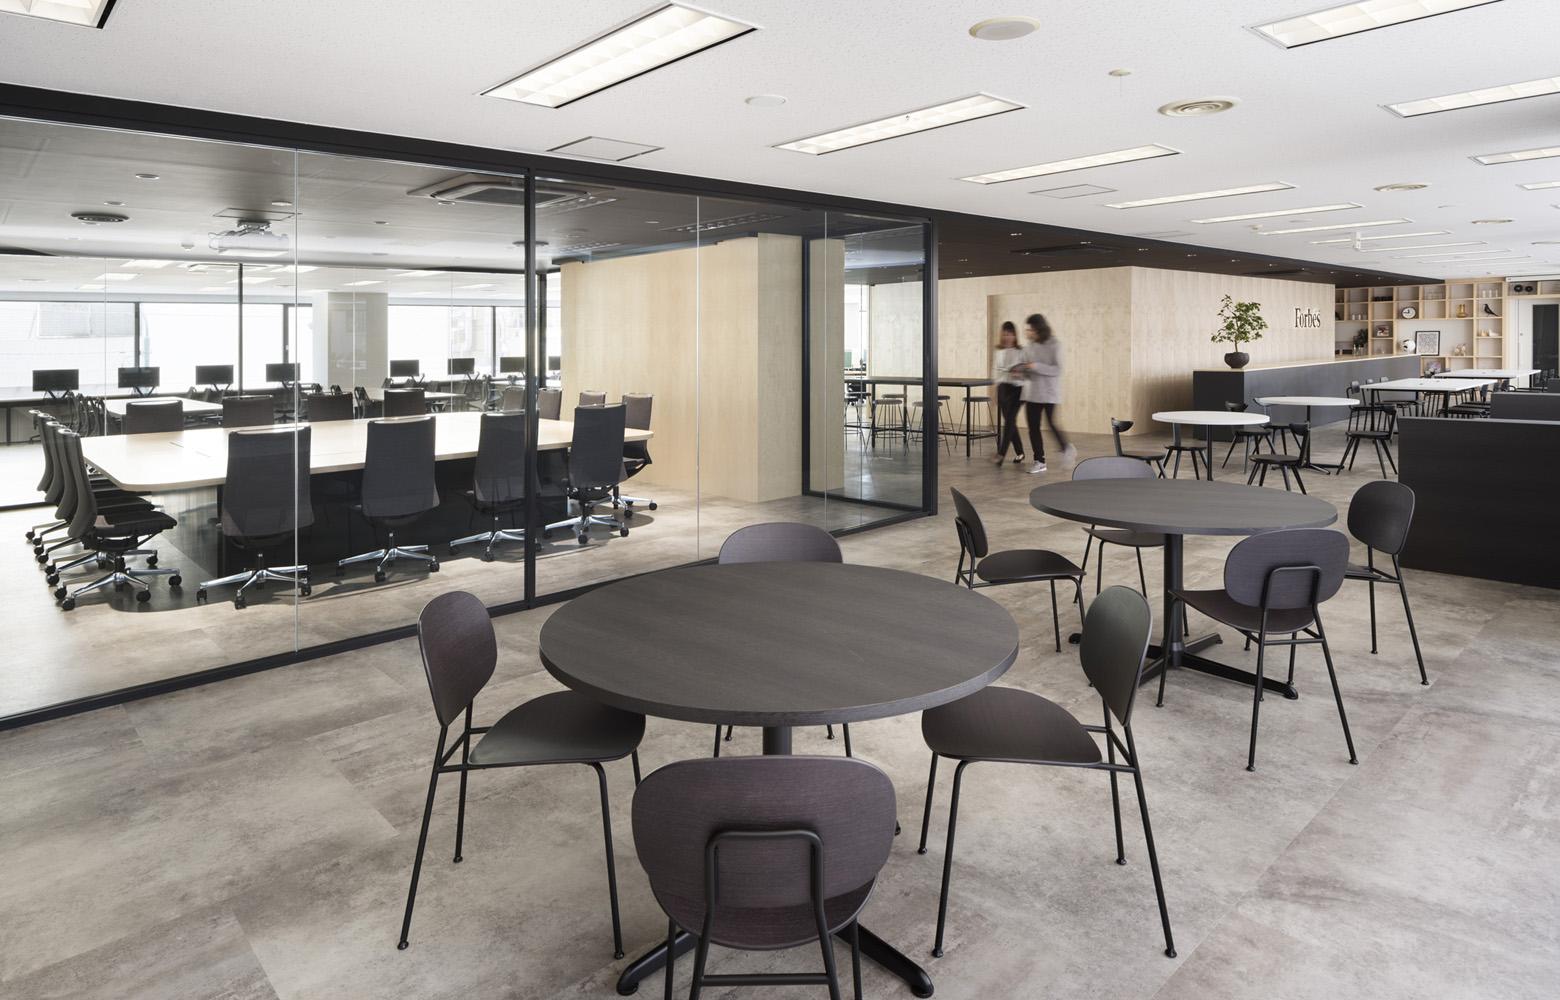 リンクタイズ株式会社 Open Lounge_3 デザイン・レイアウト事例